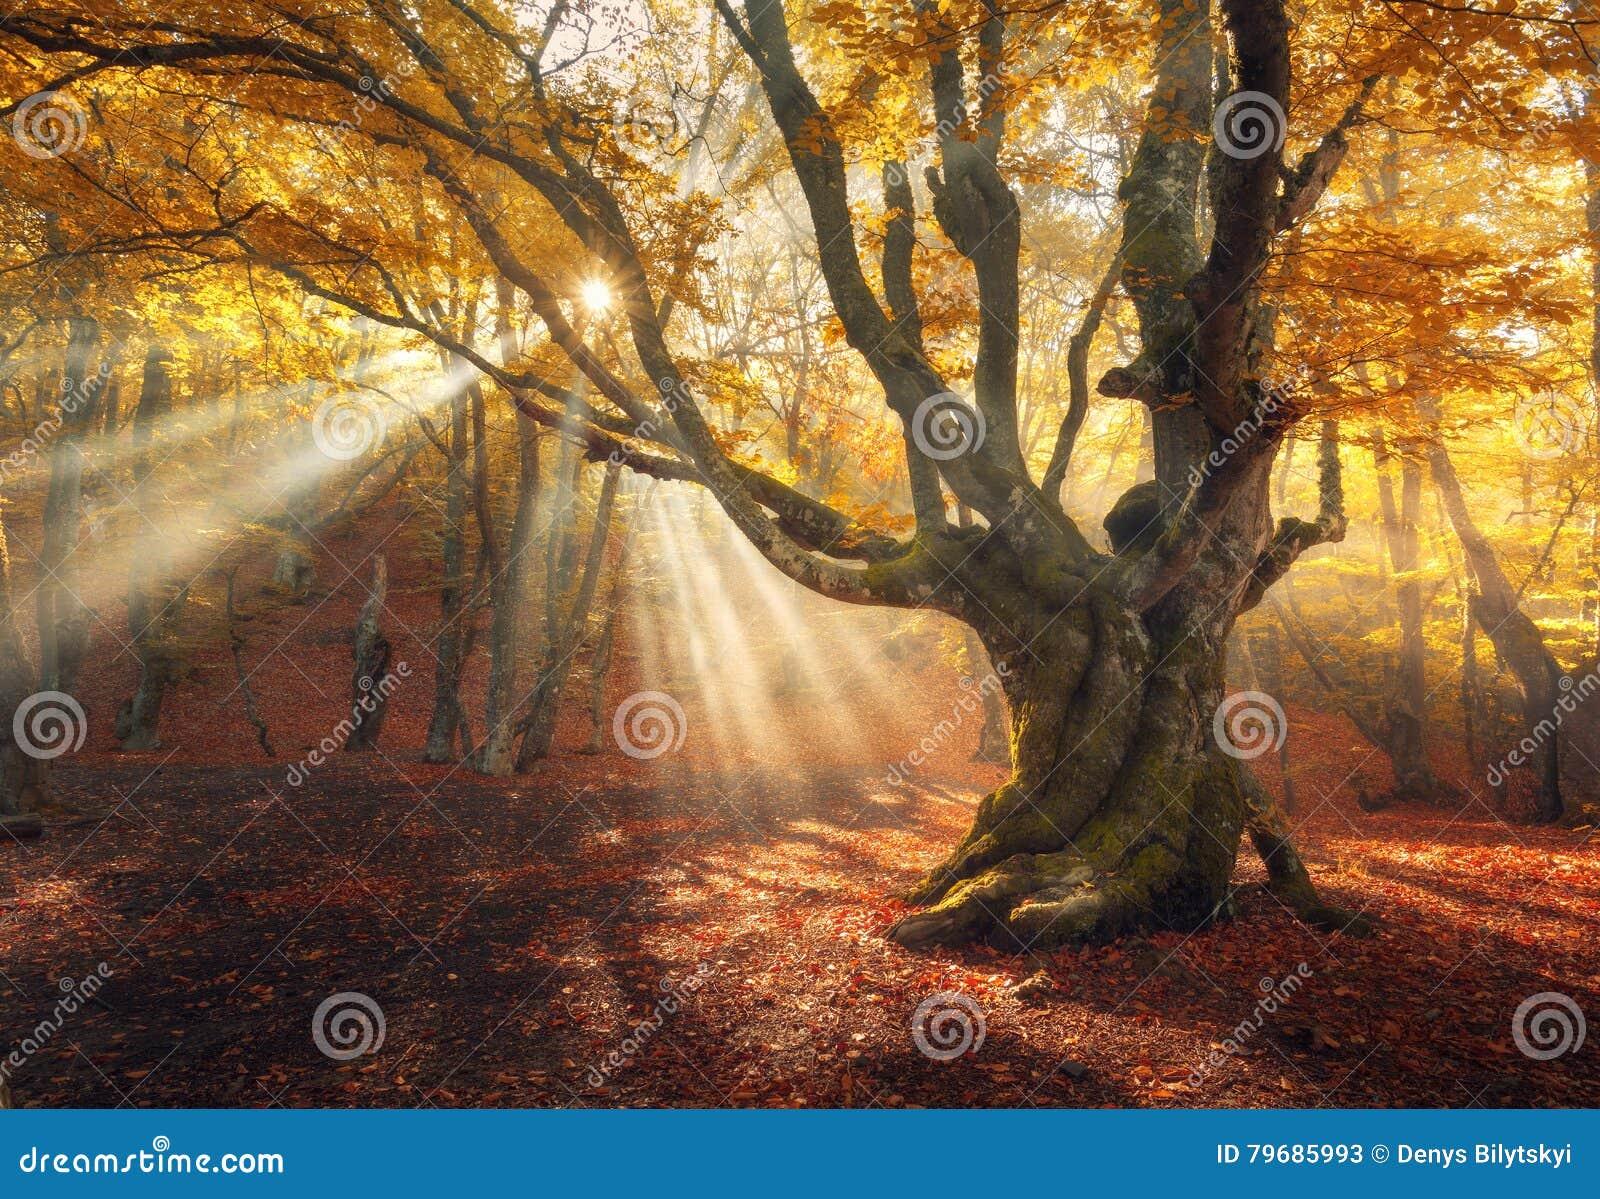 Magischer alter Baum Herbstwald im Nebel mit Sonnenstrahlen